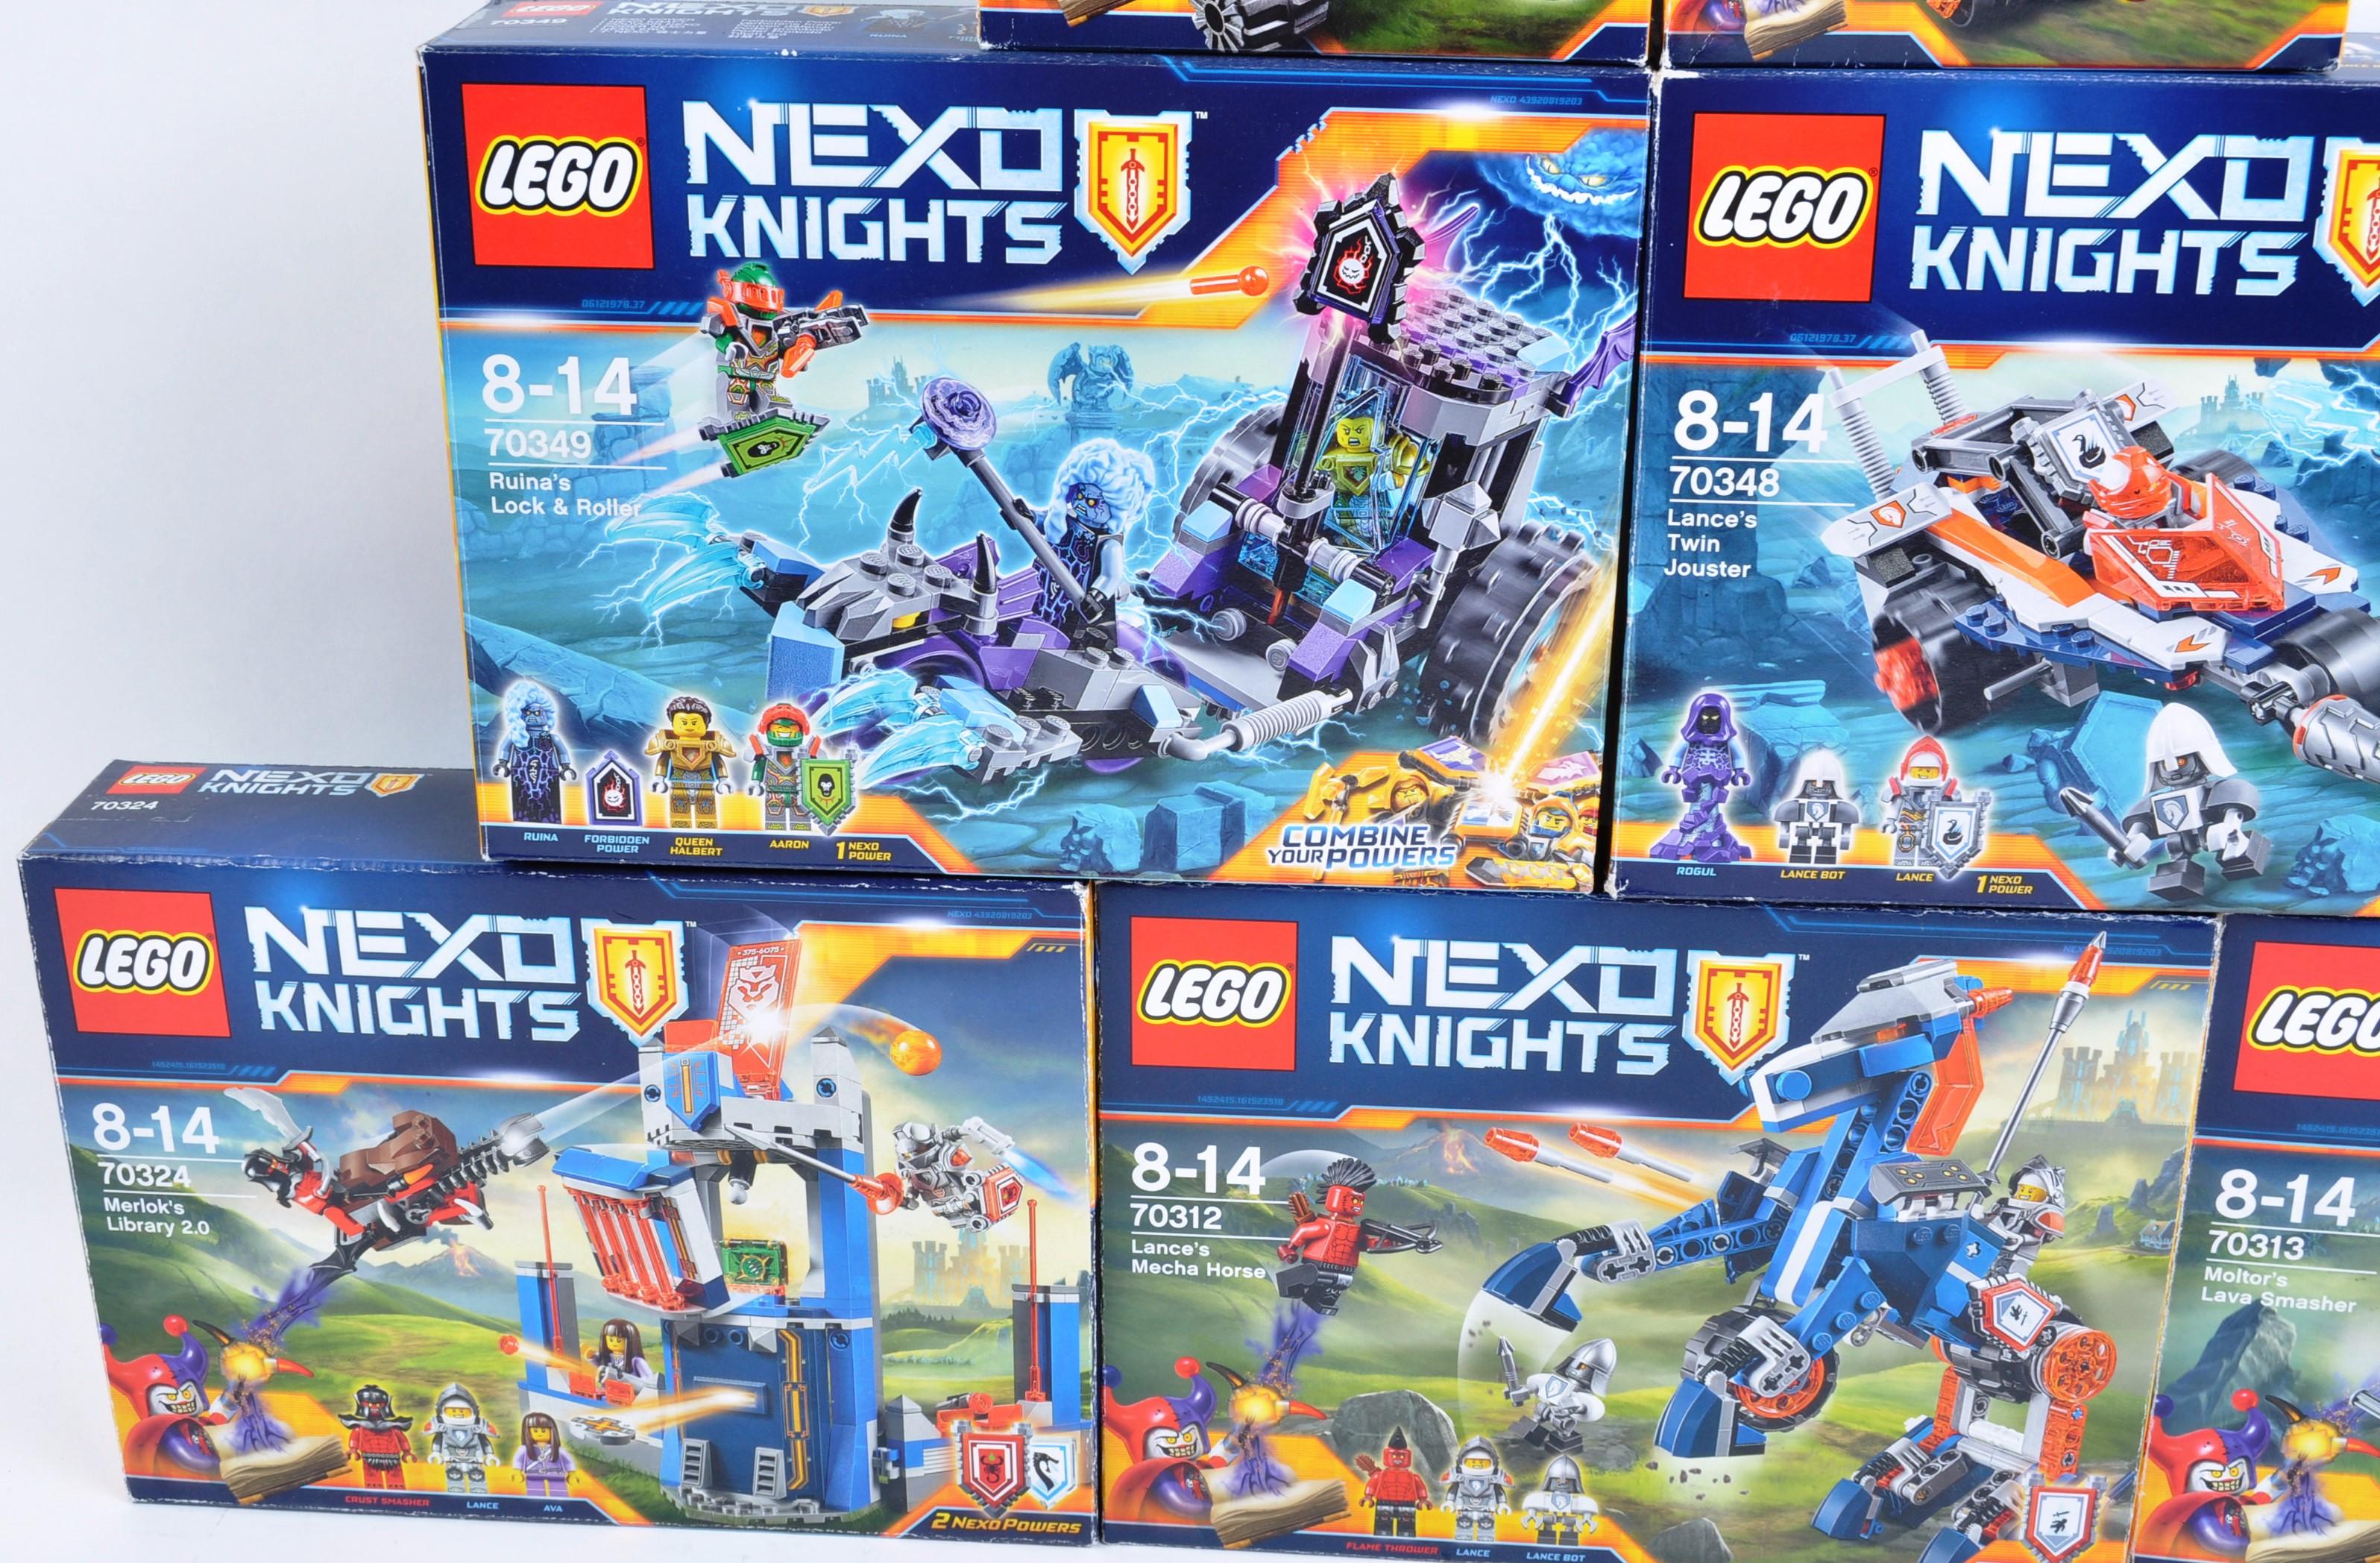 LEGO SETS - LEGO NEXO KNIGHTS - Image 2 of 6